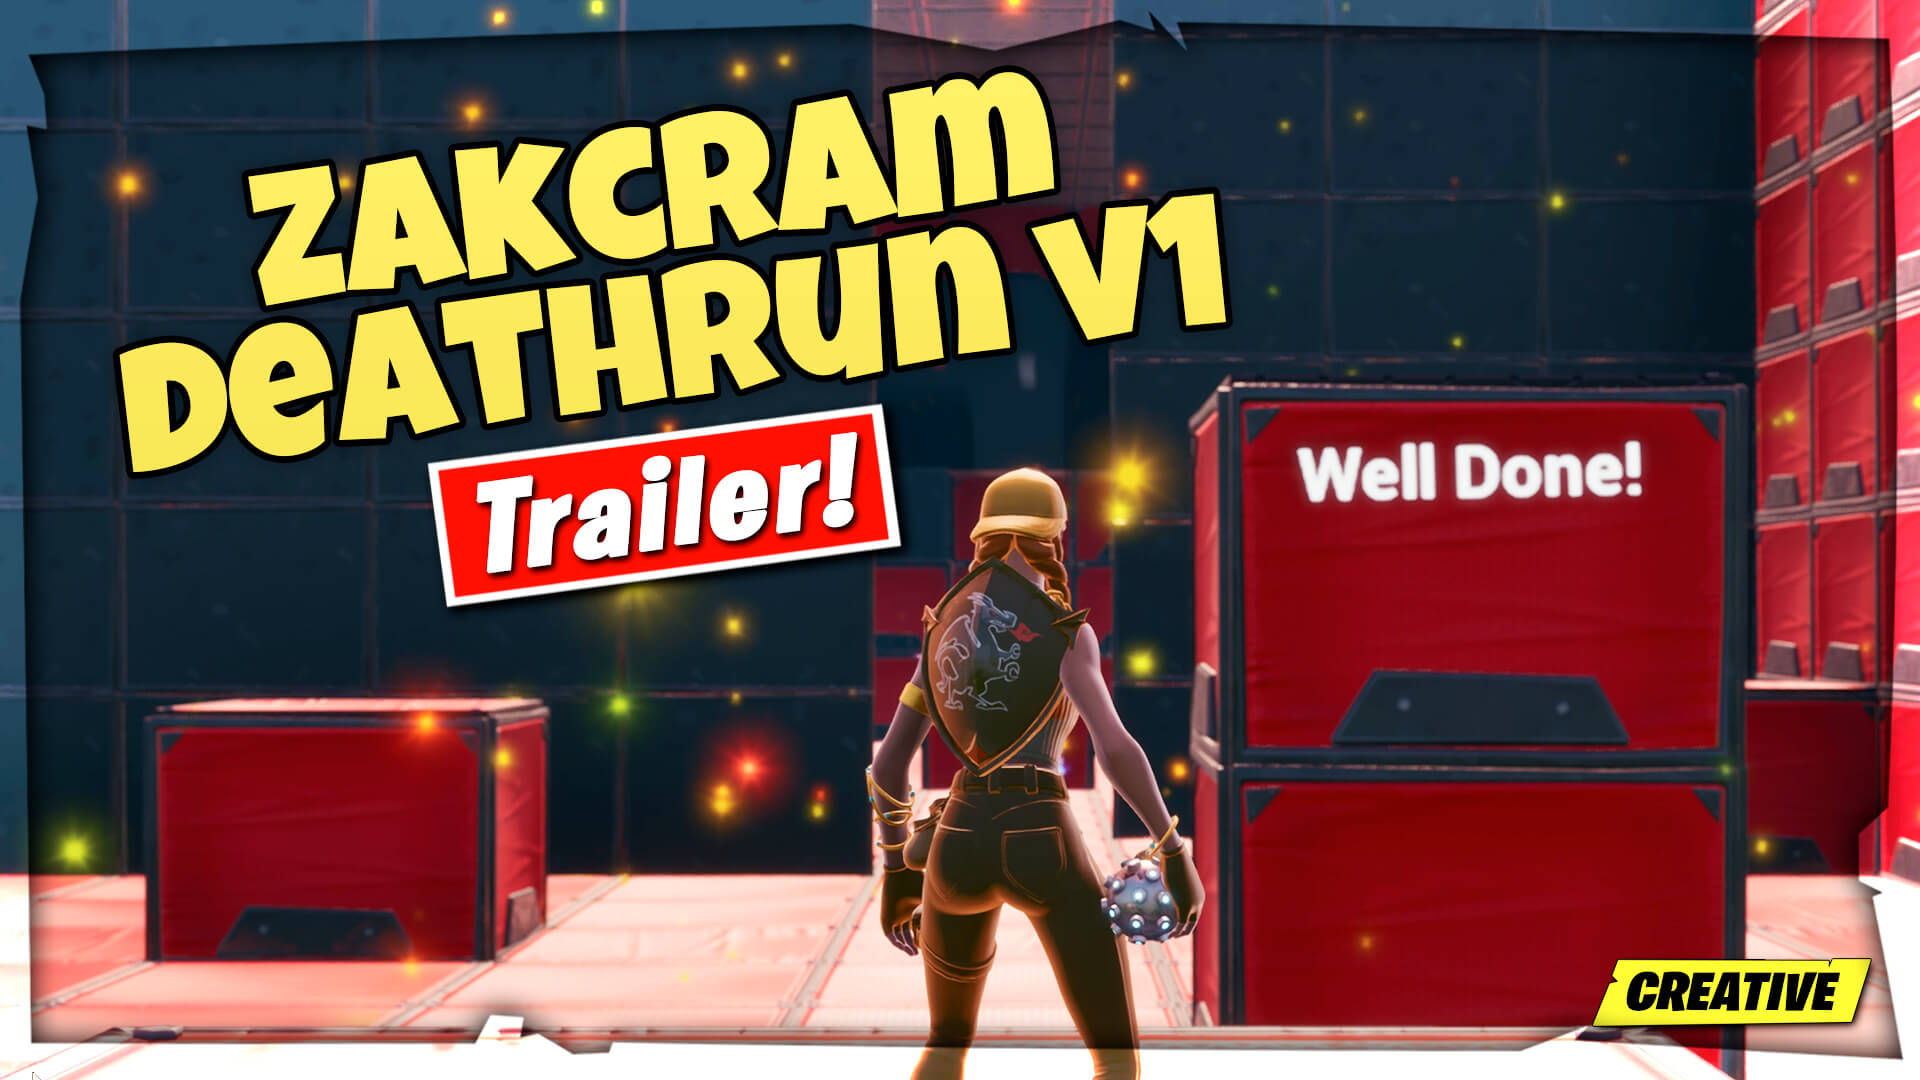 ZAKCRAM - DEATHRUN V1 - Fortnite Creative Codes - Dropnite com